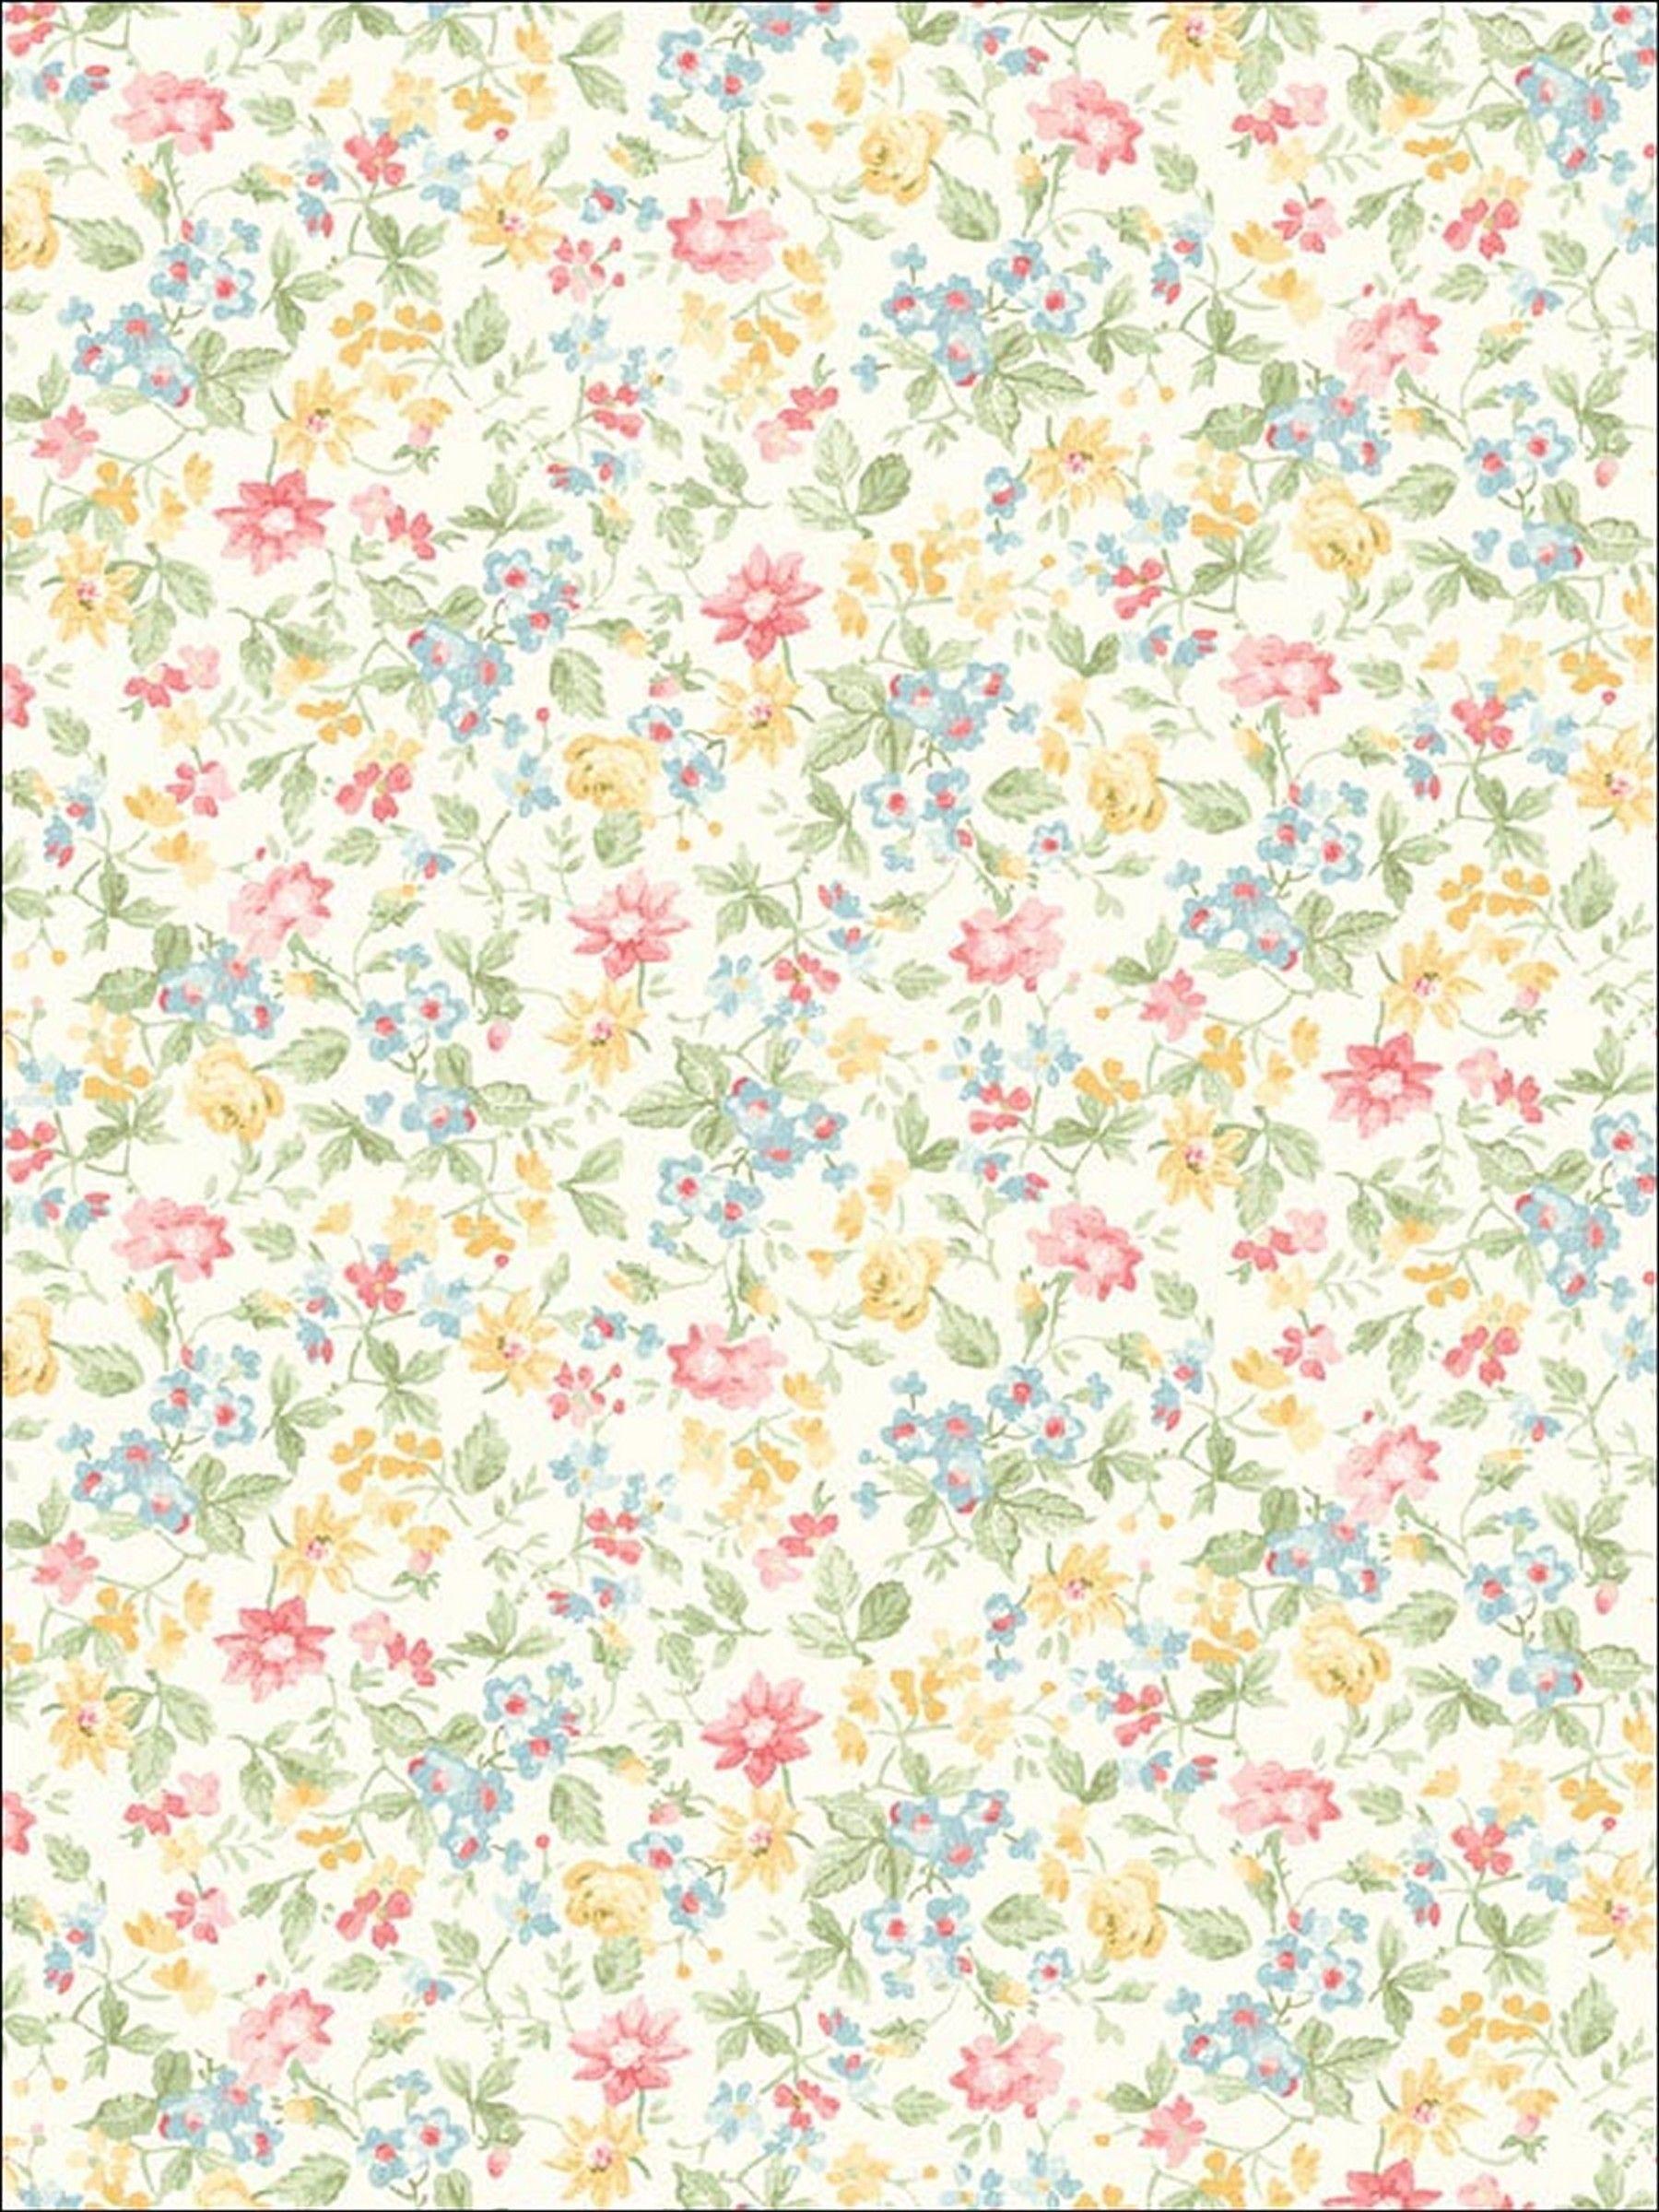 Delicate Floral Wallpaper Pink Floral Wallpaper Floral